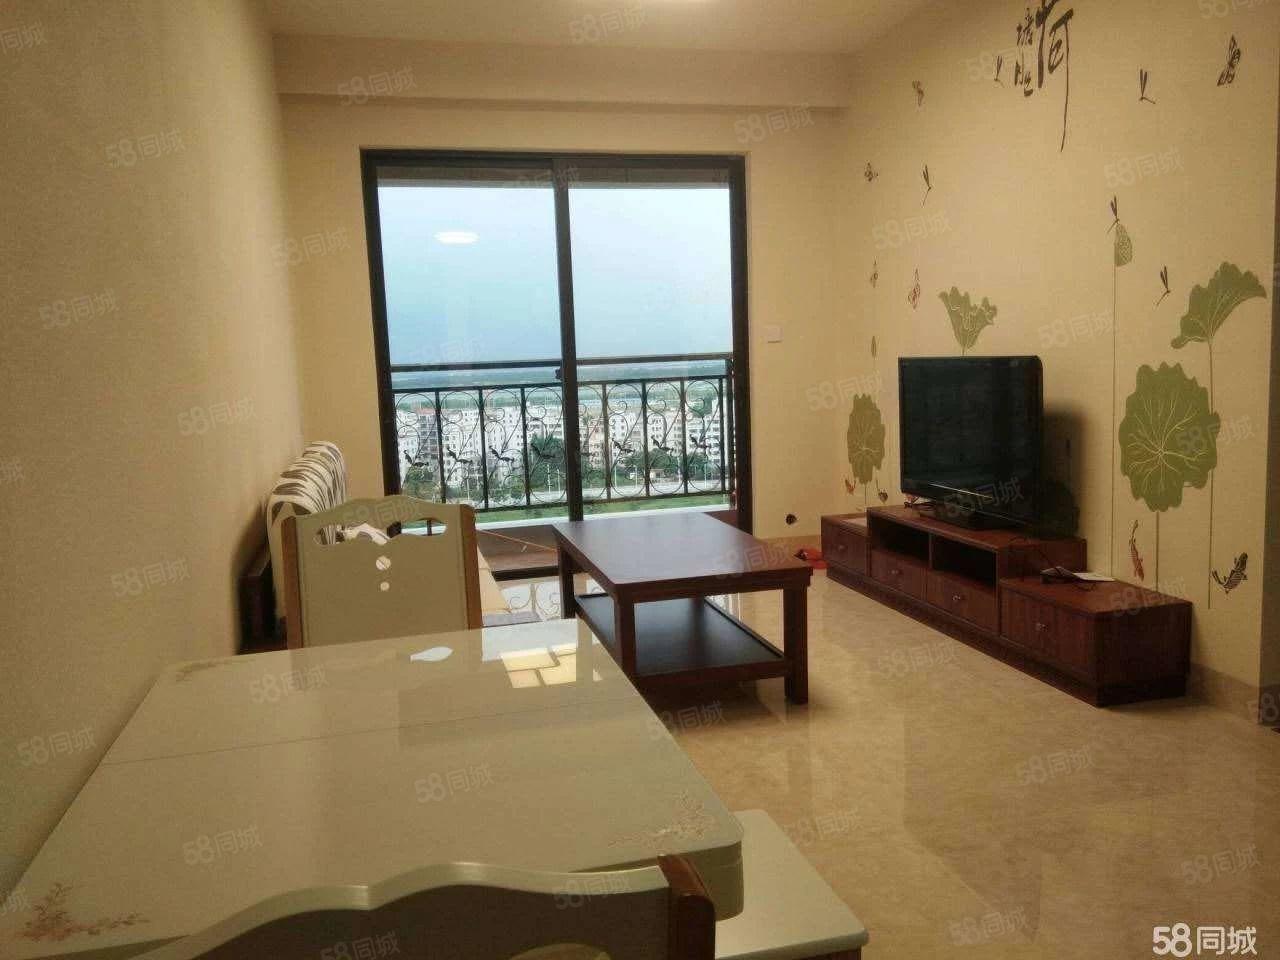 海东新区凯旋湾,精装修2房2厅,家私家电齐。拎包入住